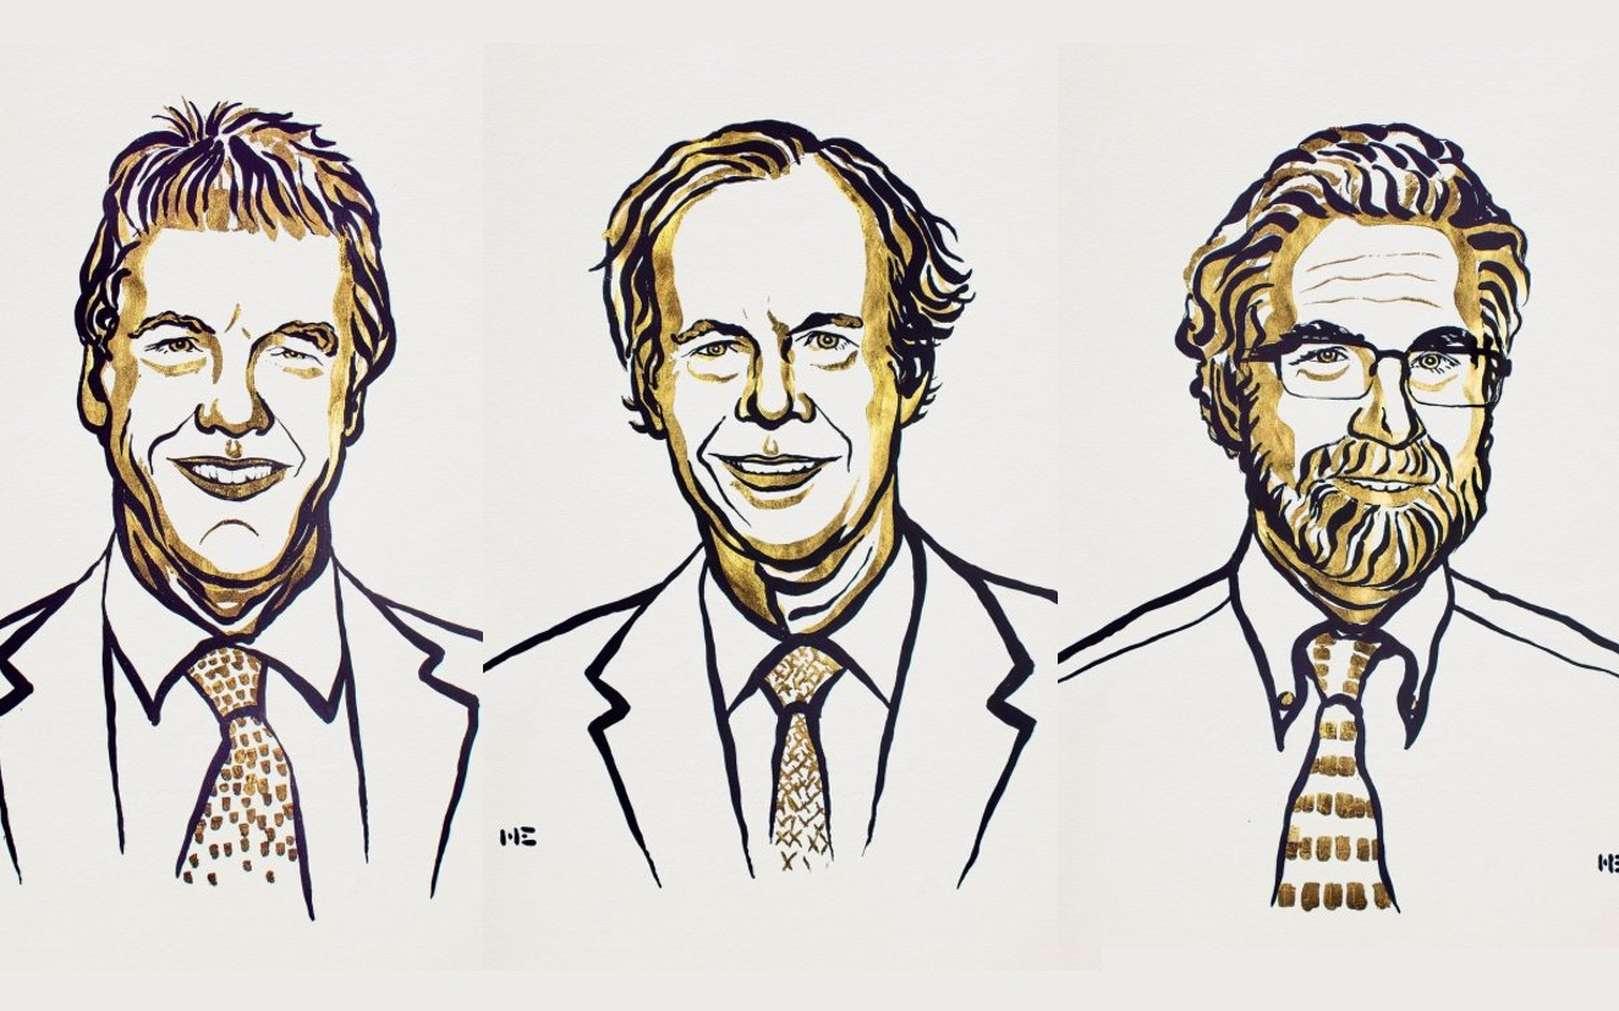 Le prix Nobel de Médecine 2019 a été attribué à William Kaelin, Gregg Semenza et Peter Ratcliffe pour leurs recherches sur l'adaptation des cellules à l'apport variable d'oxygène. © Nobel Media